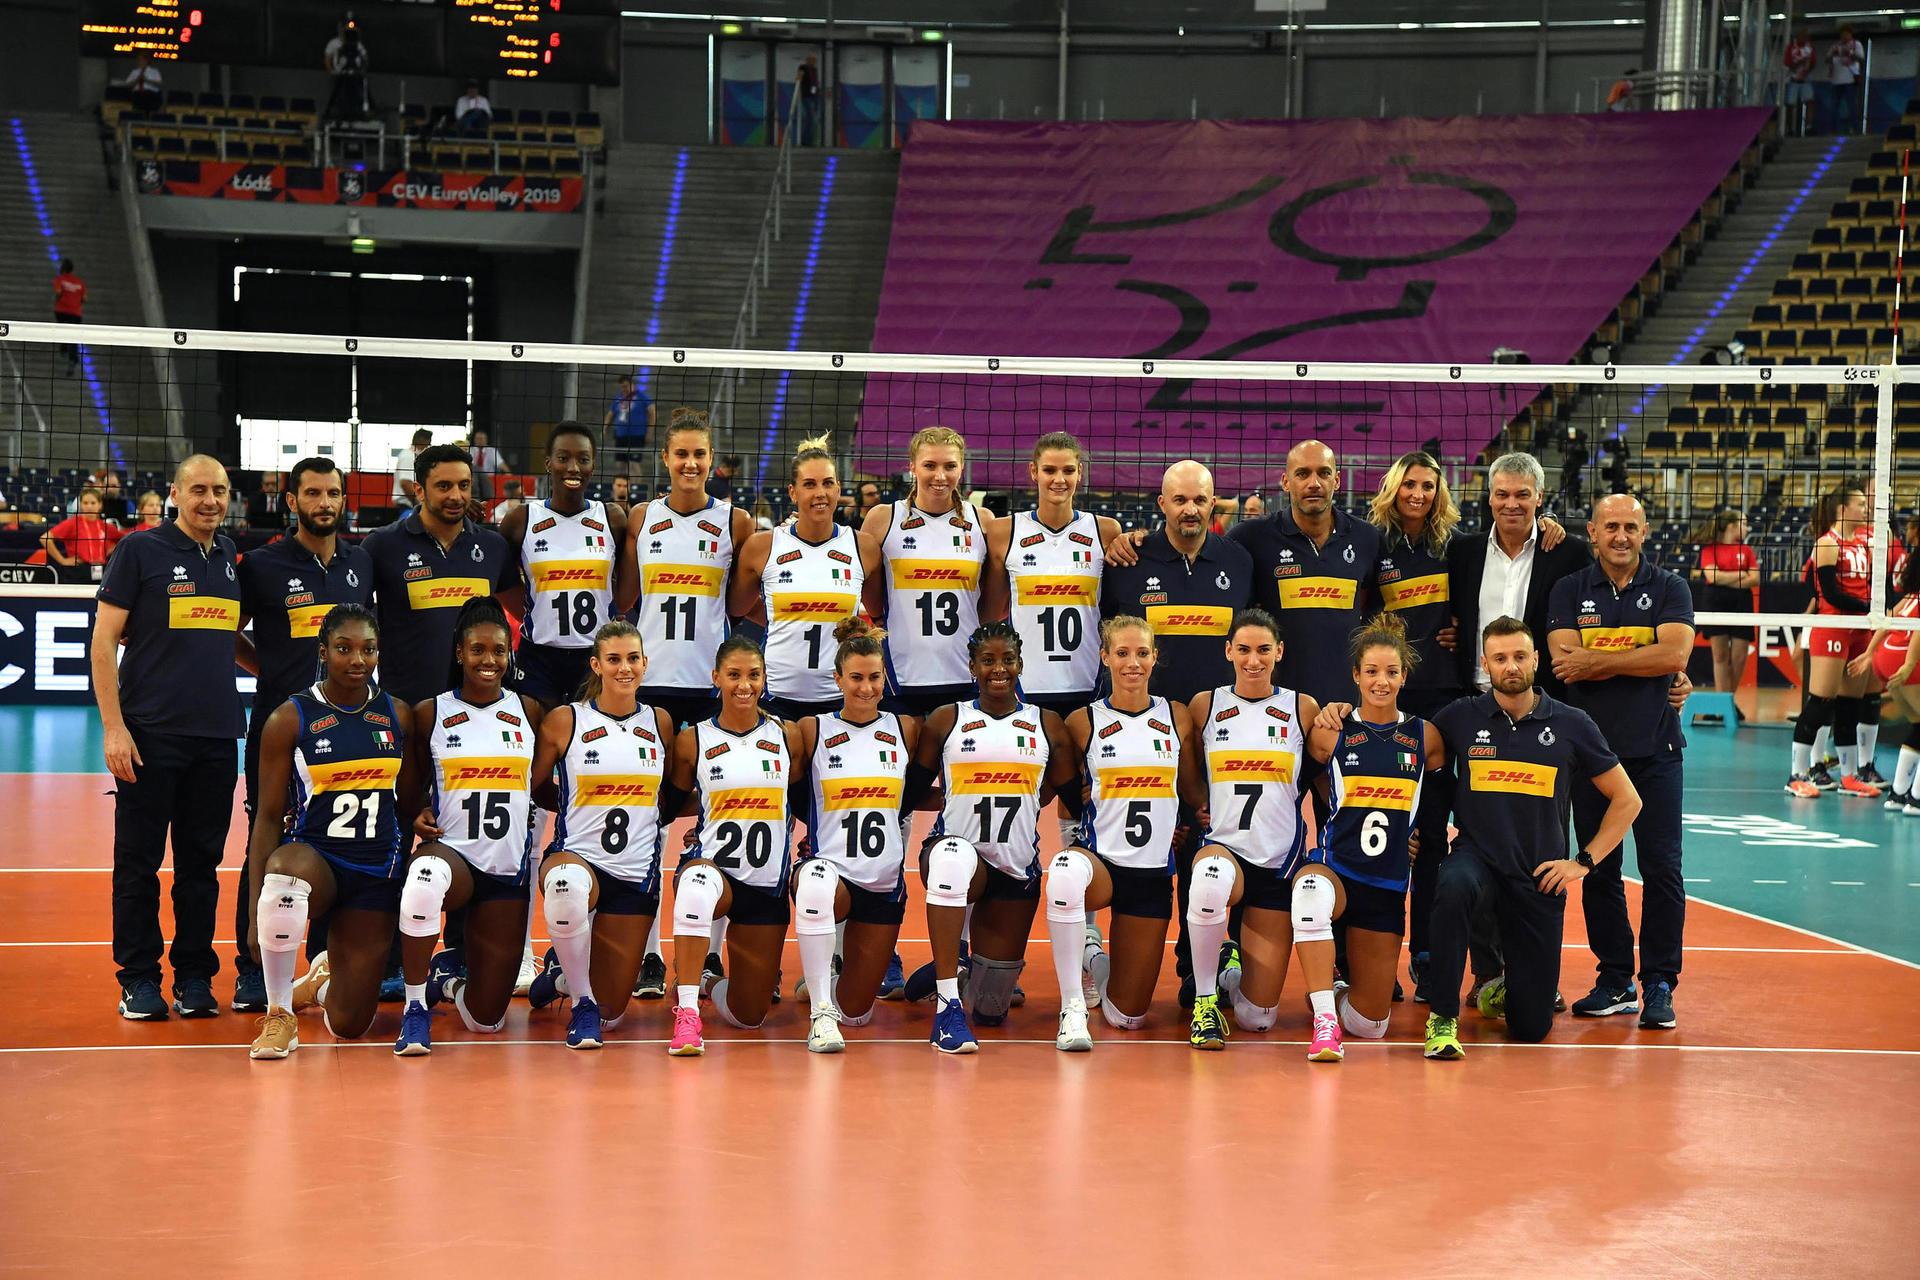 Calendario Campionato Portoghese.Campionato Europeo 2019 Esordio Ok Per Le Azzurre Netto 3